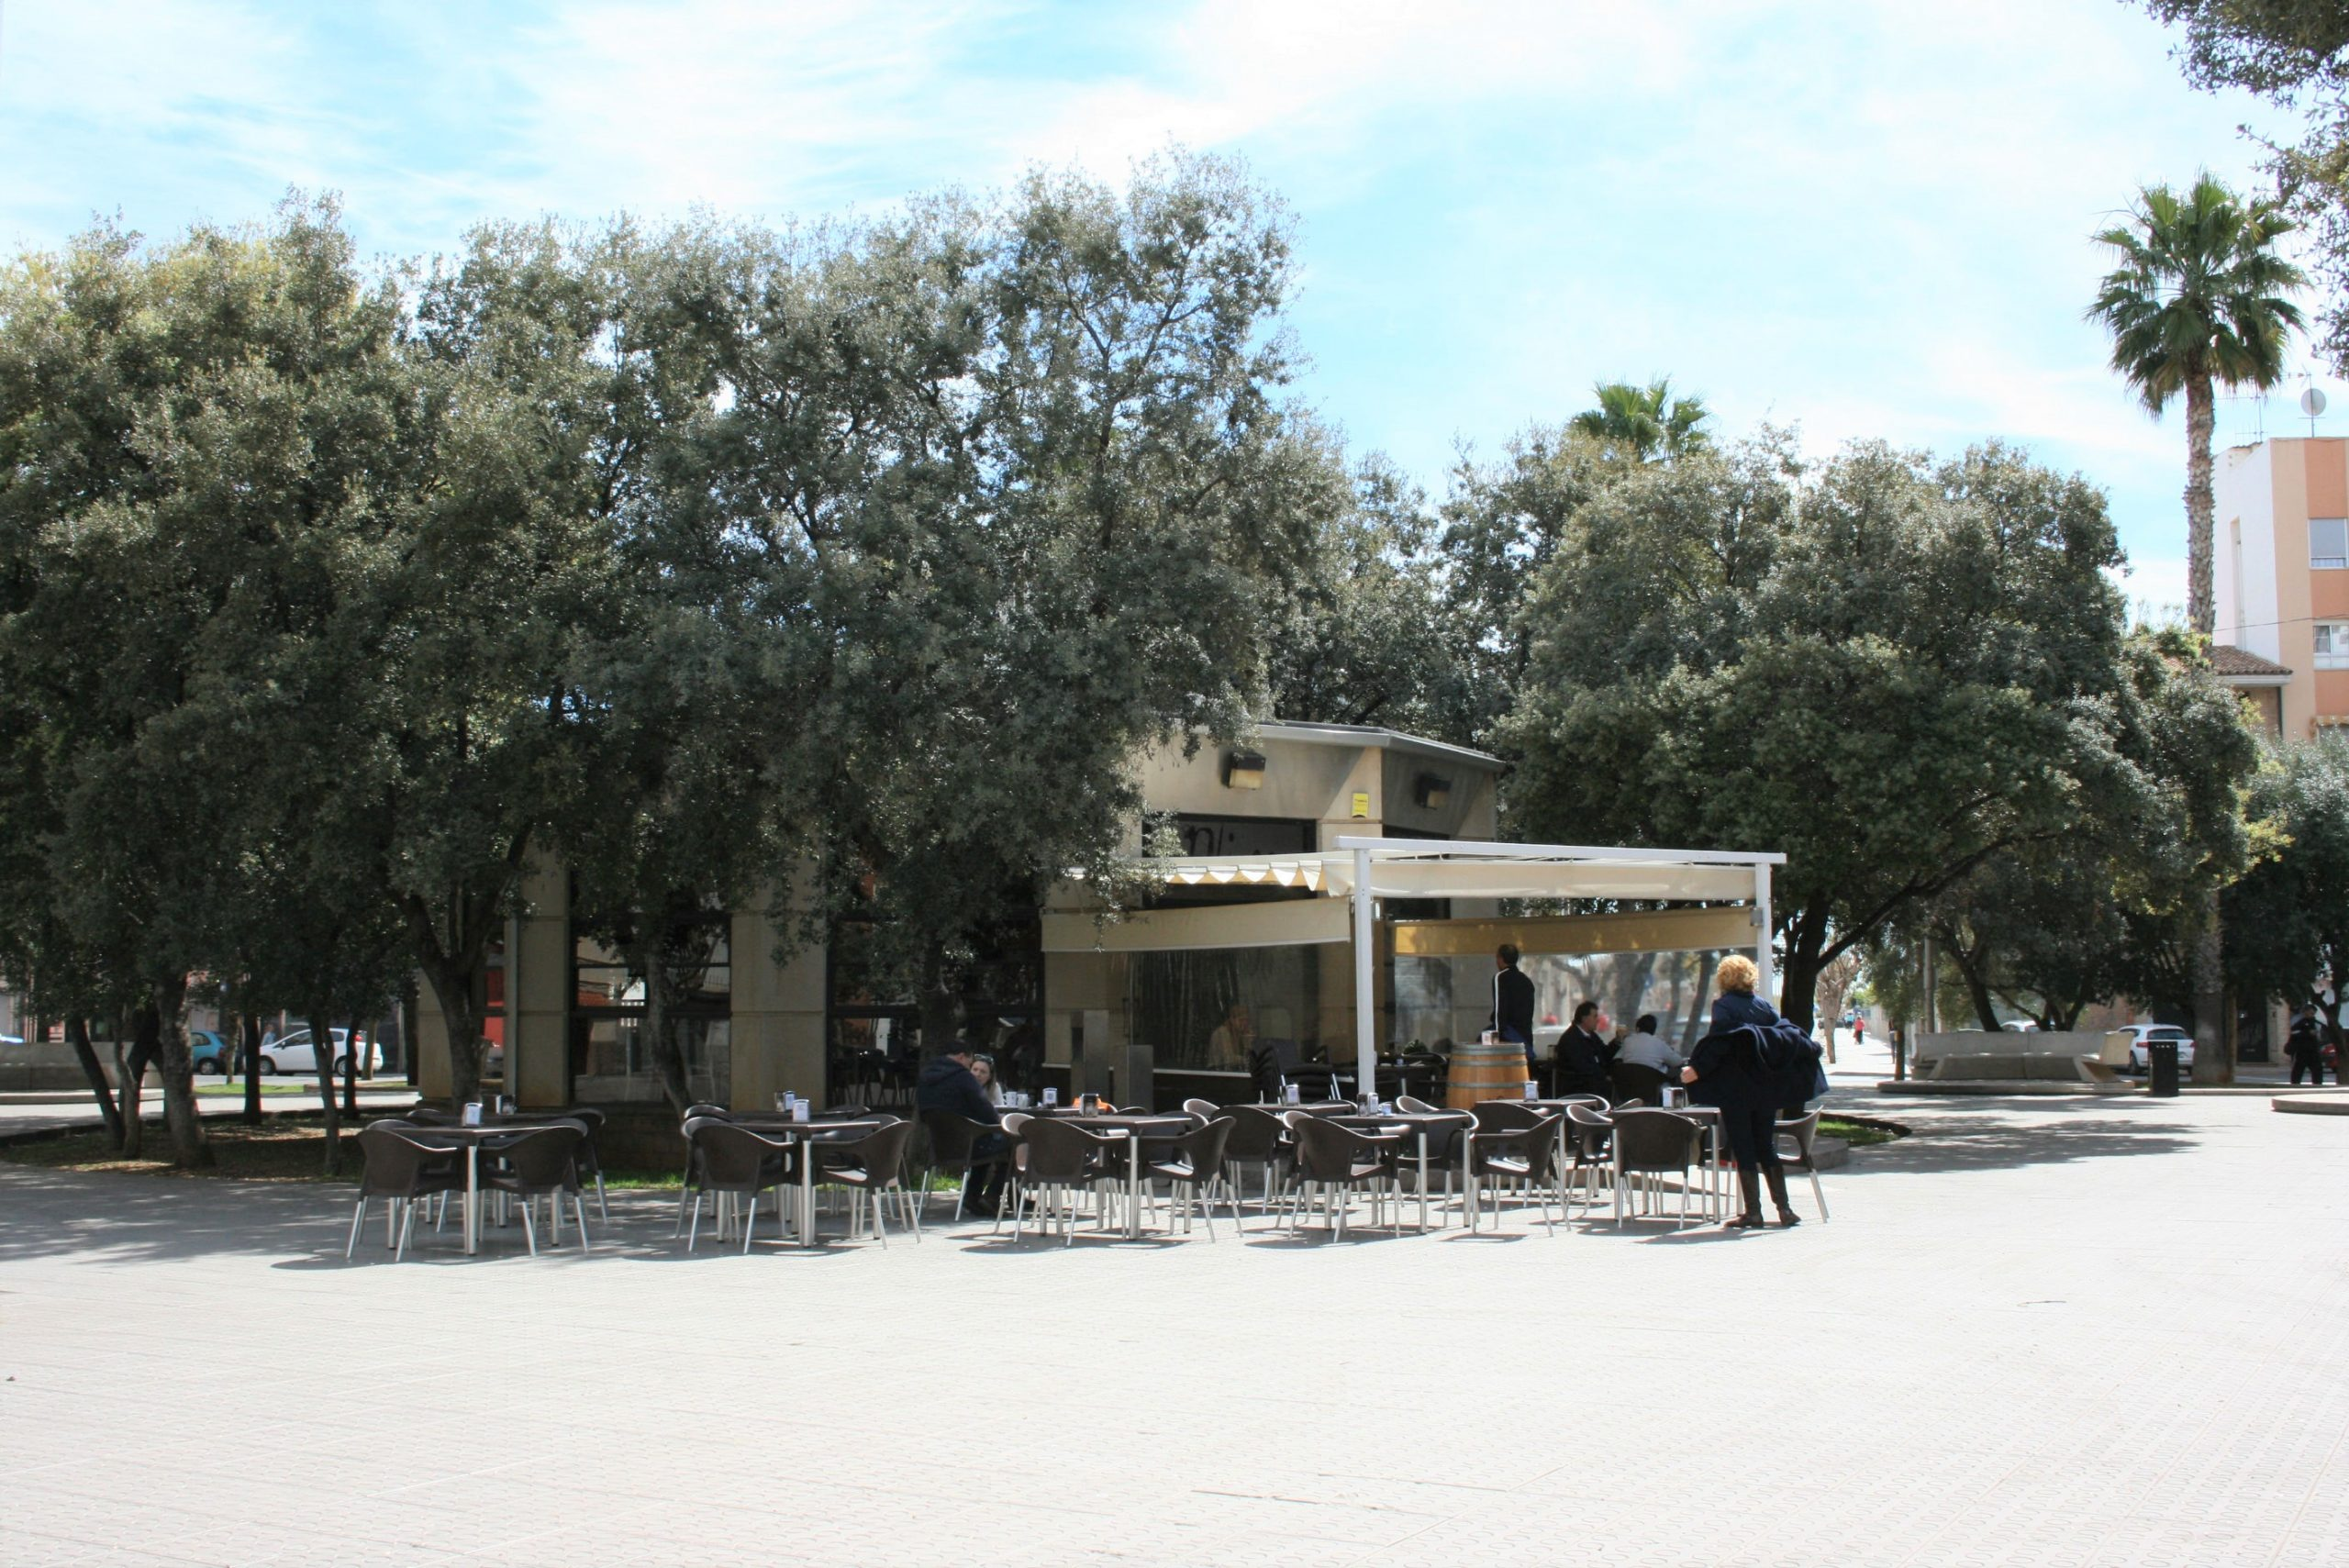 Los 71 negocios de hostelería y mercado de Almassora ahorrarán casi 100.000 euros por la exención de la tasa